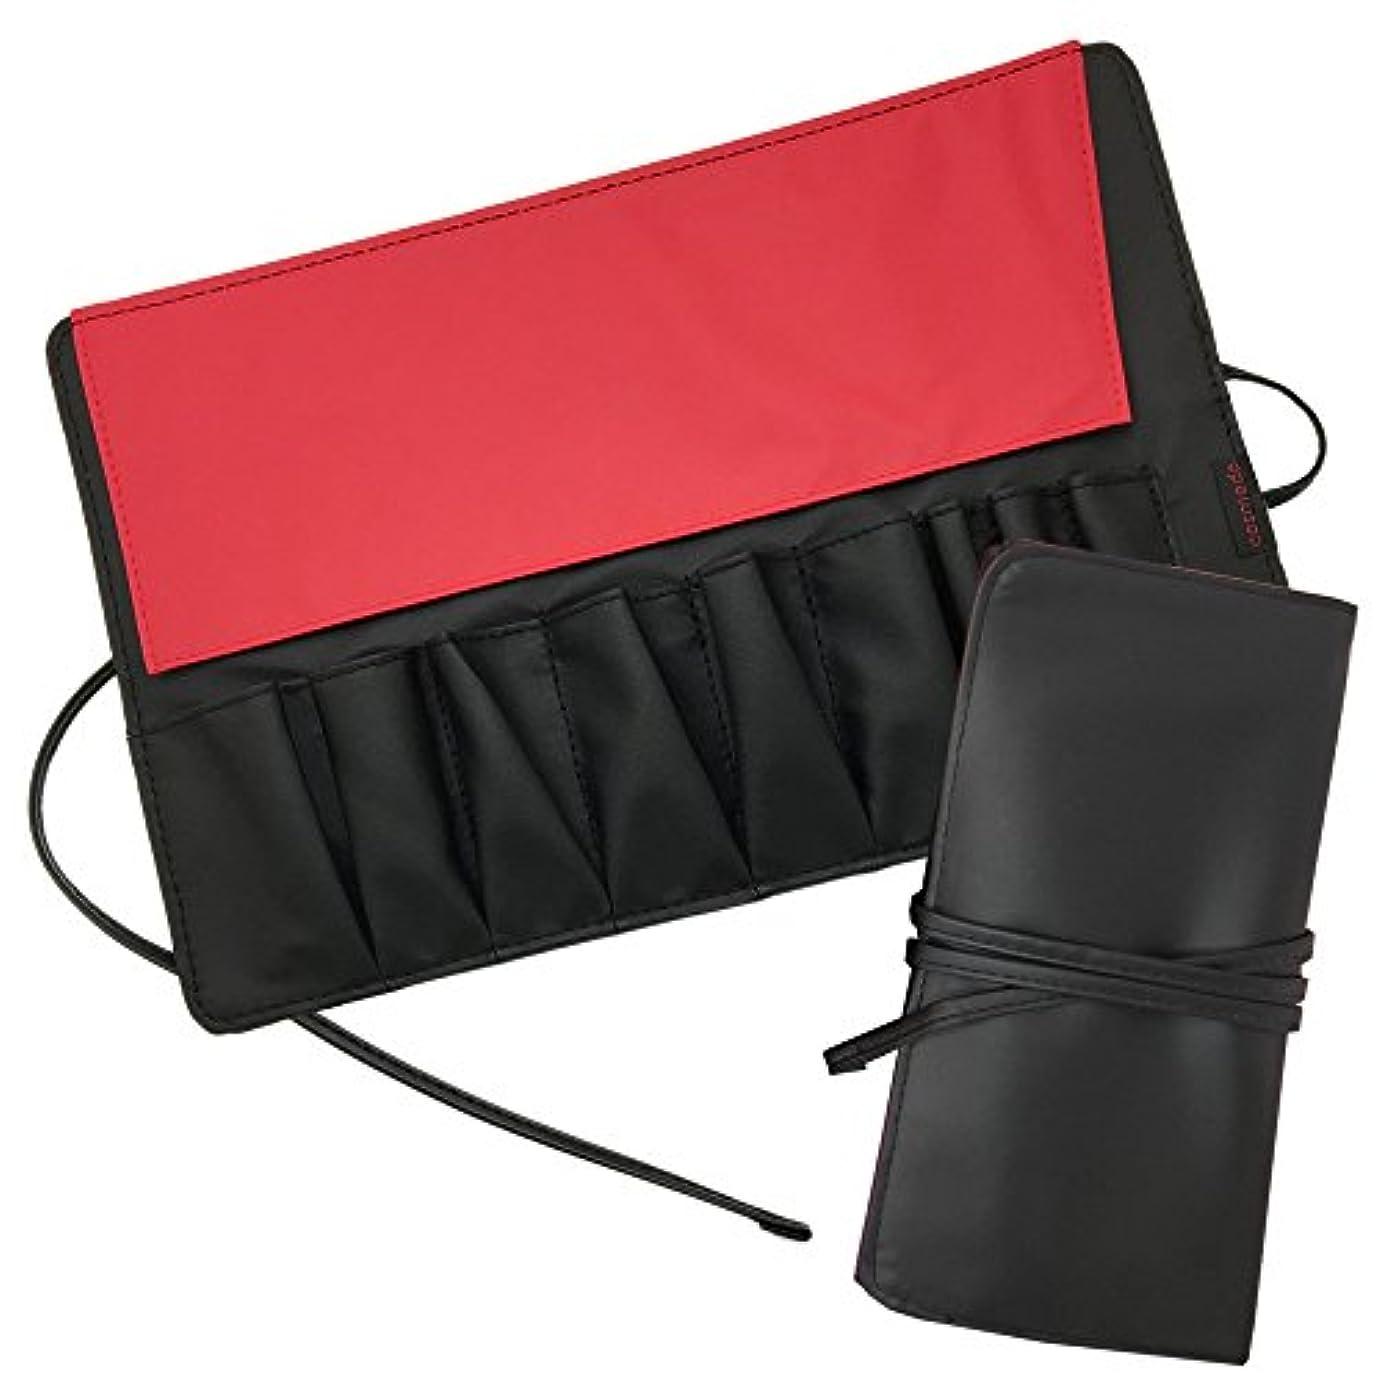 口述するから順応性のある匠の化粧筆 コスメ堂 メイクブラシケース<最大9本収納>(化粧筆 収納 ケース)